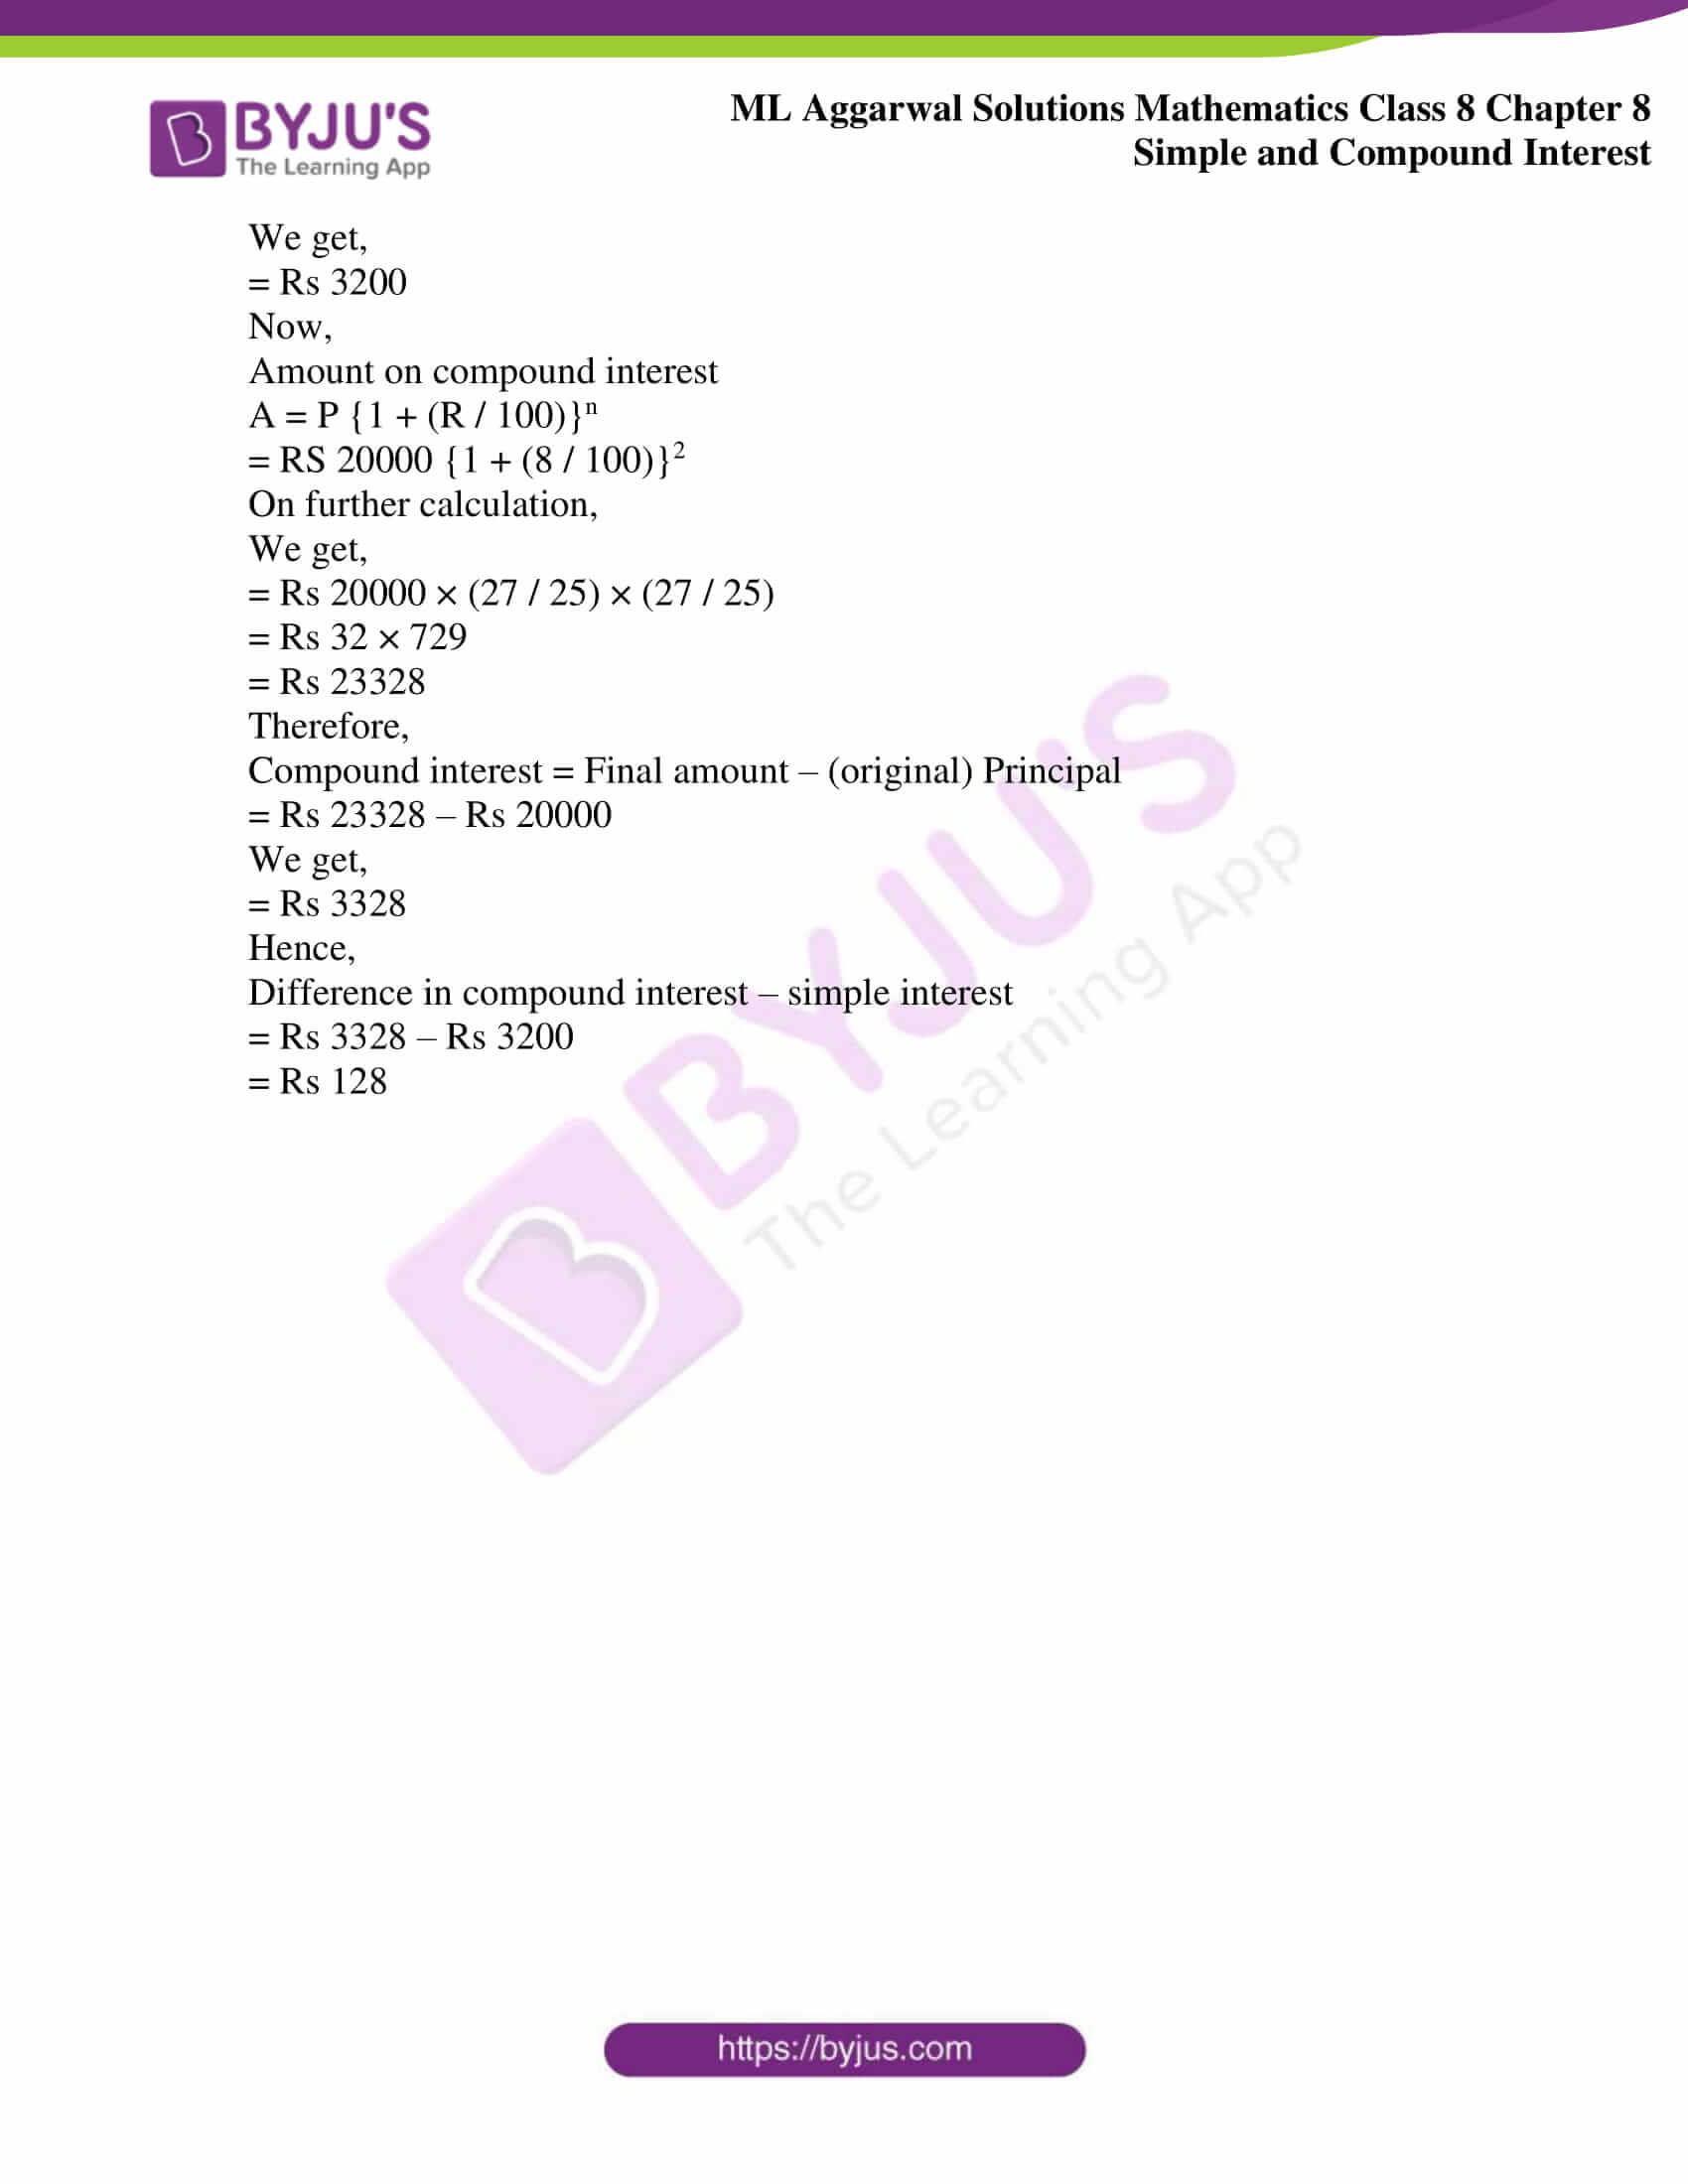 ml aggarwal sol mathematics class 8 ch 8 11